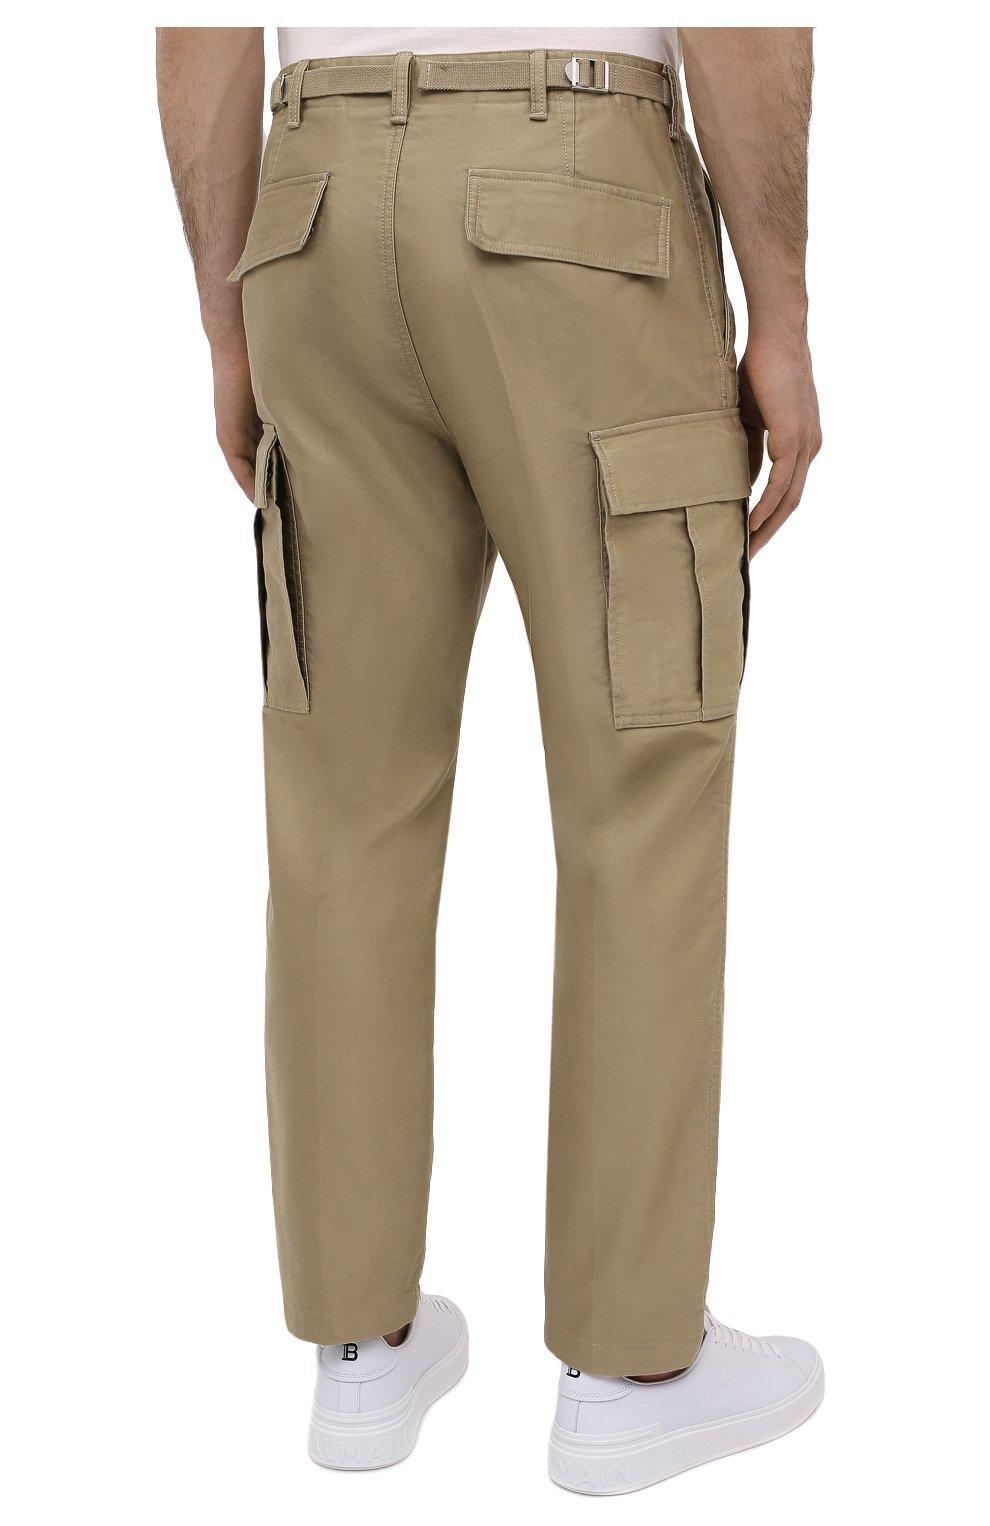 Мужские хлопковые брюки-карго TOM FORD бежевого цвета, арт. BW141/TFP223   Фото 4 (Силуэт М (брюки): Карго; Длина (брюки, джинсы): Стандартные; Случай: Повседневный; Материал внешний: Хлопок; Стили: Кэжуэл)